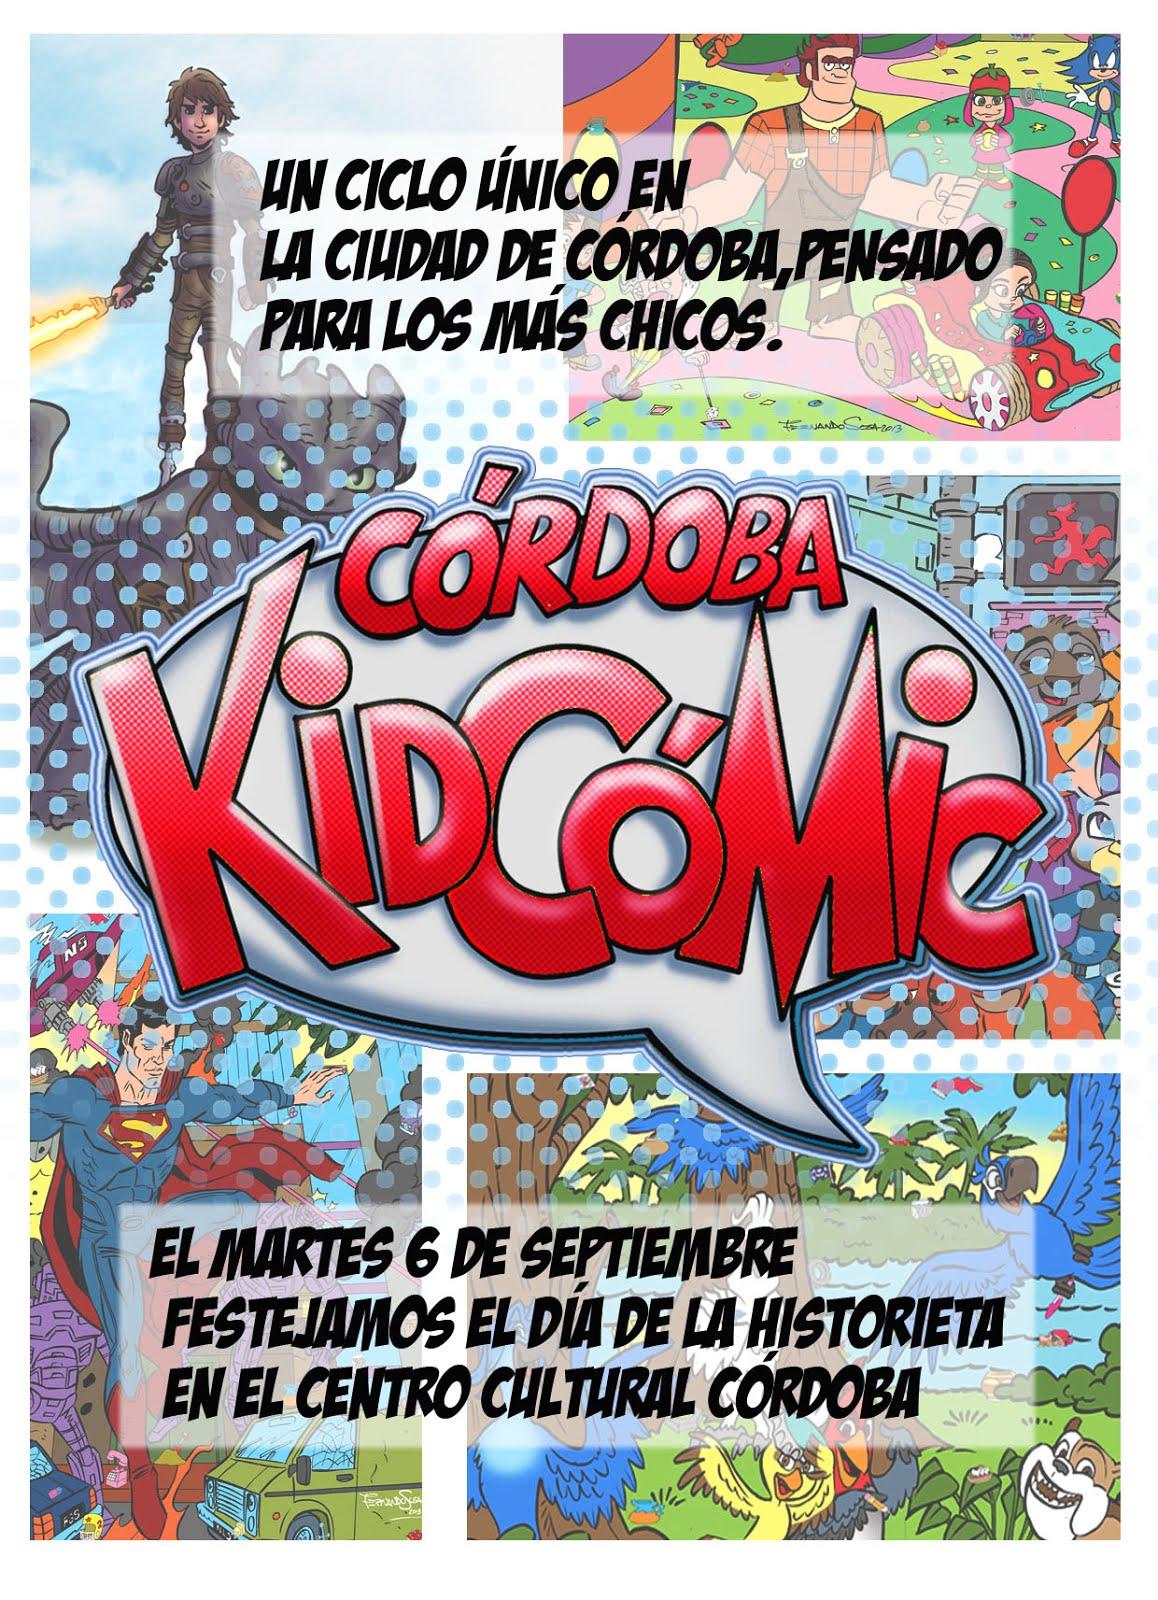 Córdoba Kidcómic